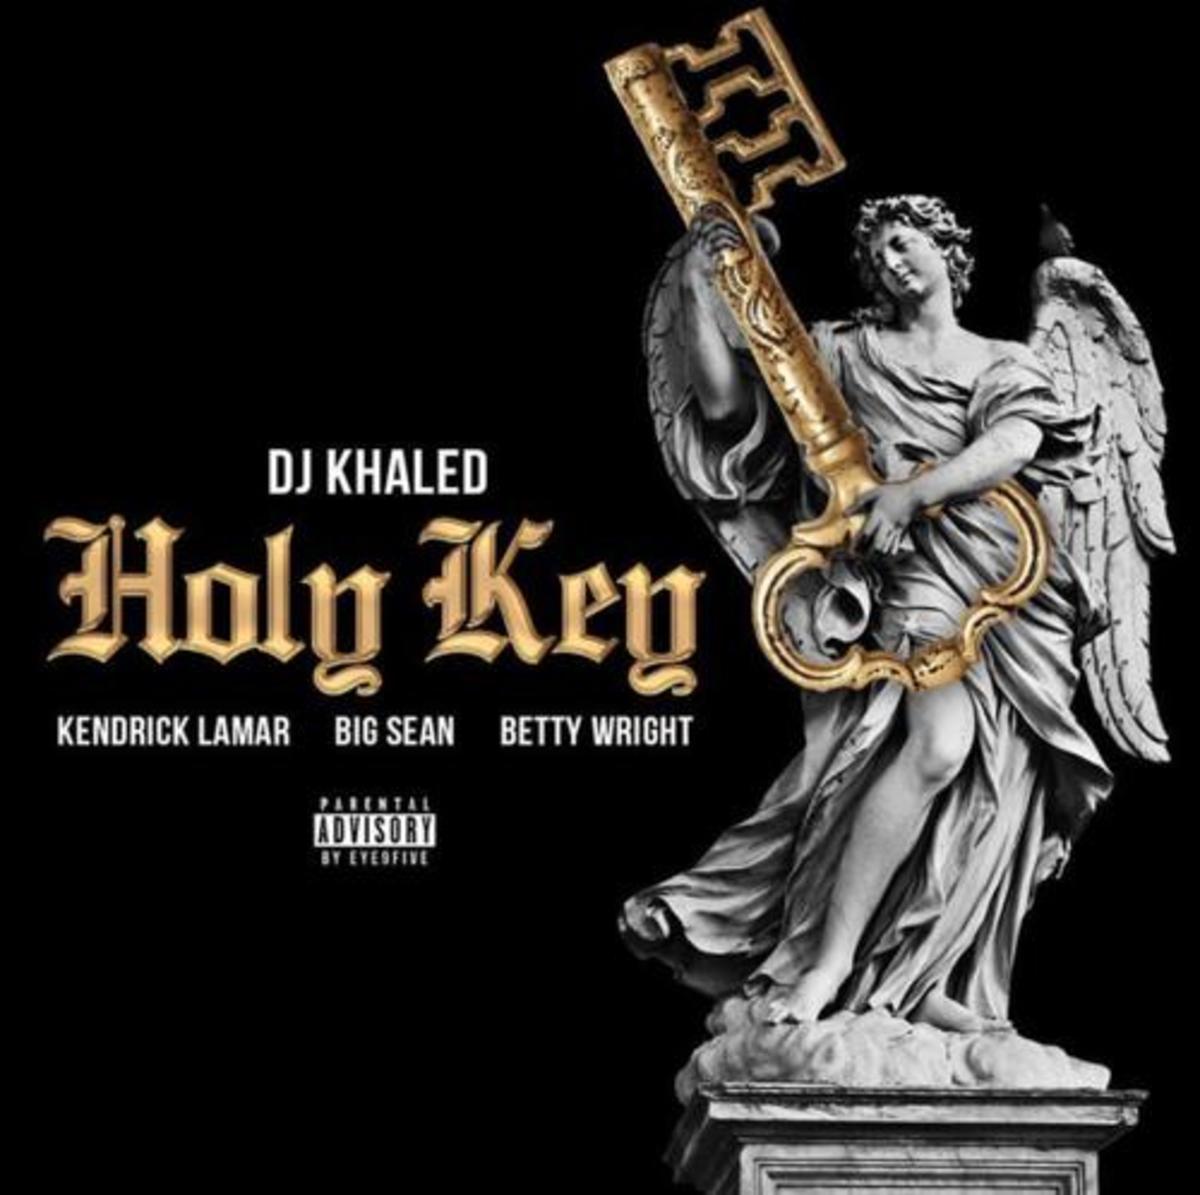 dj-khaled-holy-key-art